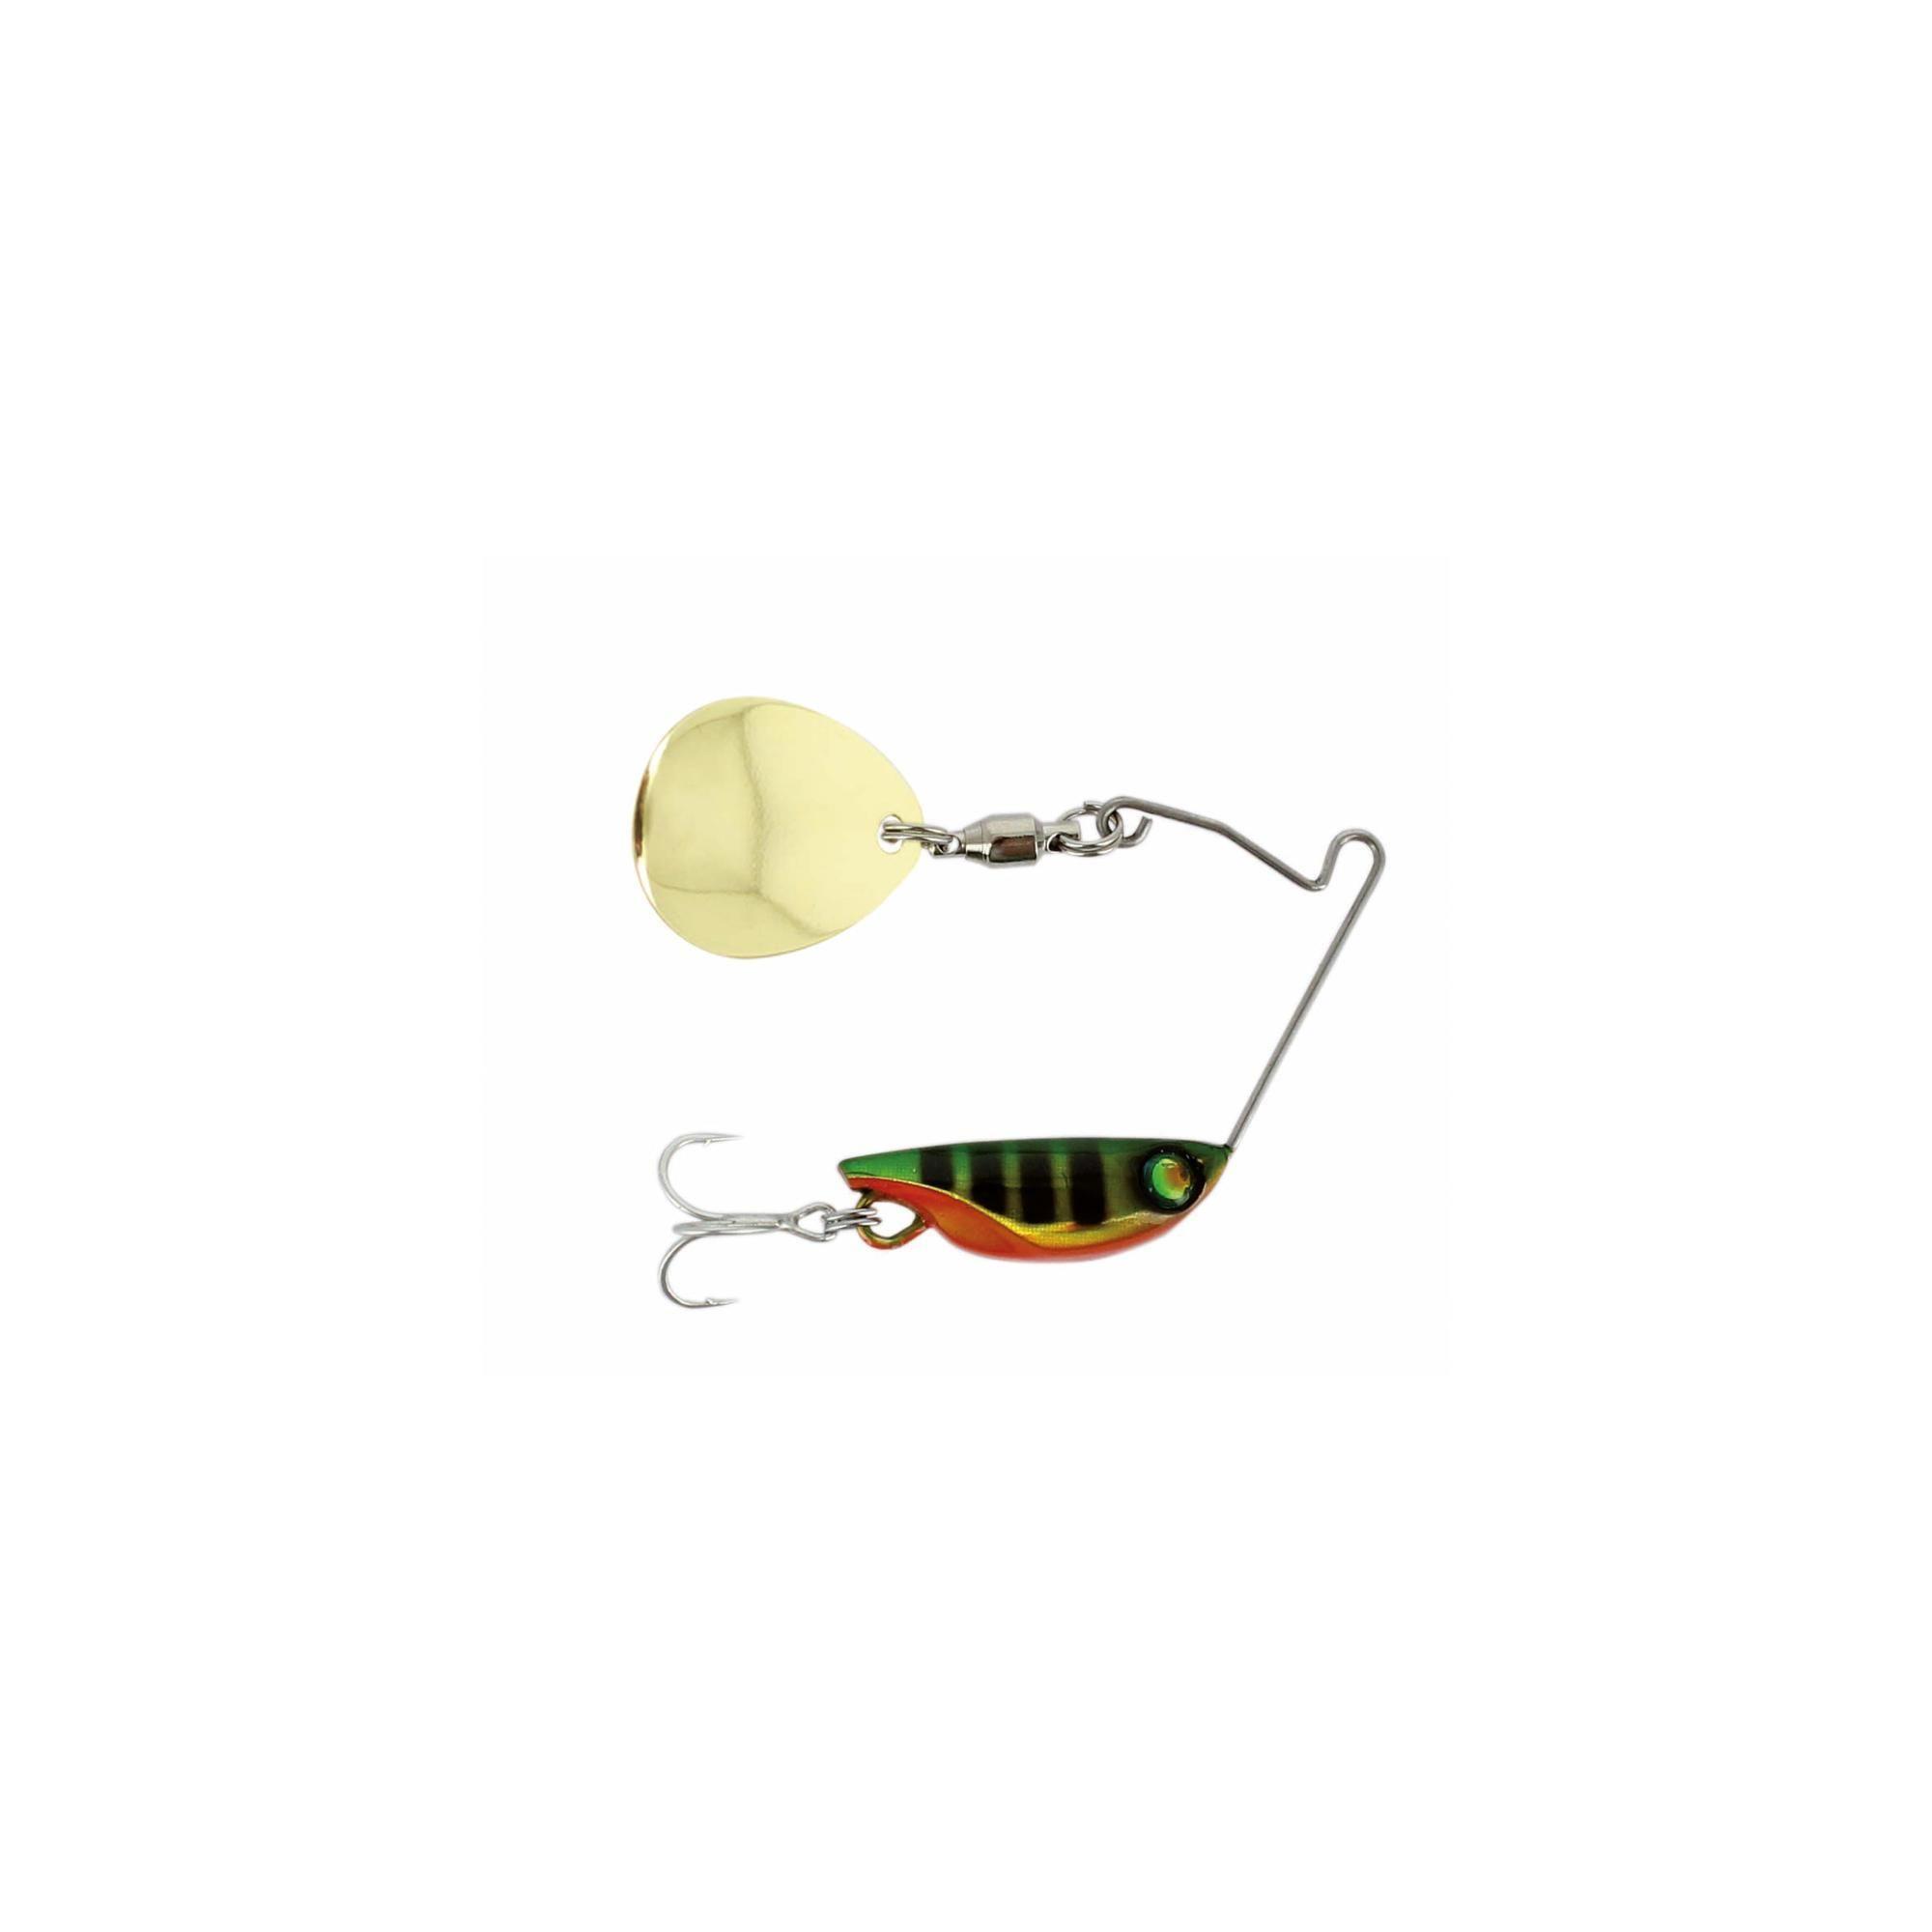 Autain - Hengelsport - Lepel, Spinner - Microspinner Nano'x 6 g voor kunstaasvissen op baars. Ontworpen voor halfgevorderde kunstaasvissers op baars.